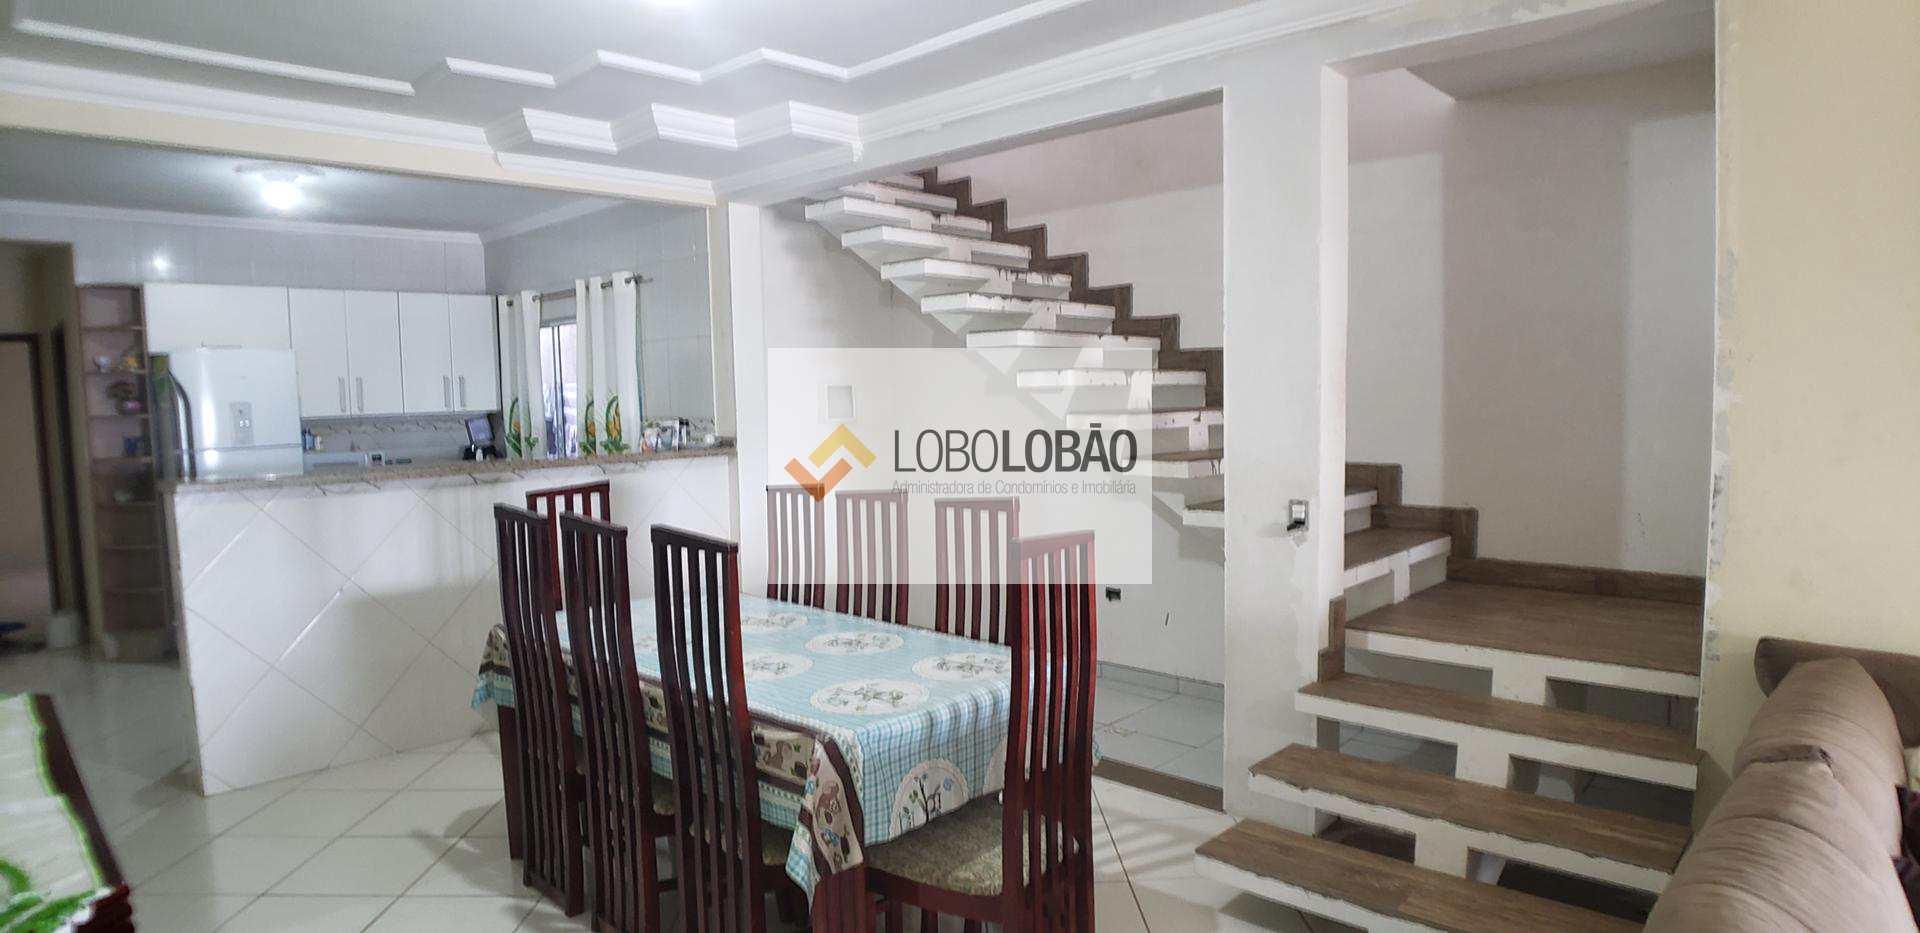 Oportunidade! Sobrado com 4 dormitórios à venda em Taubaté!